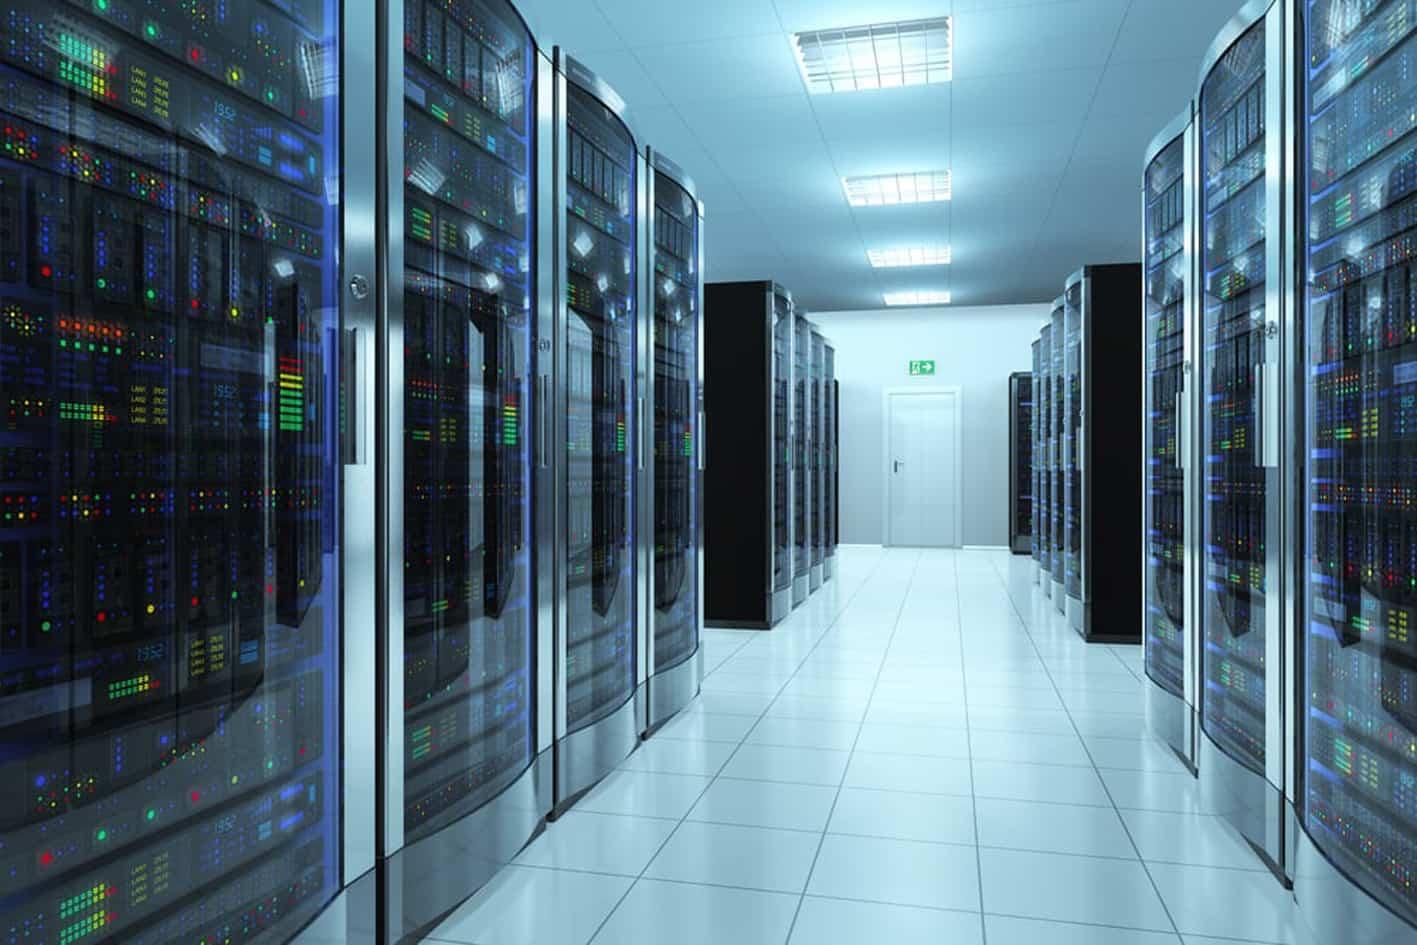 infinidat data center